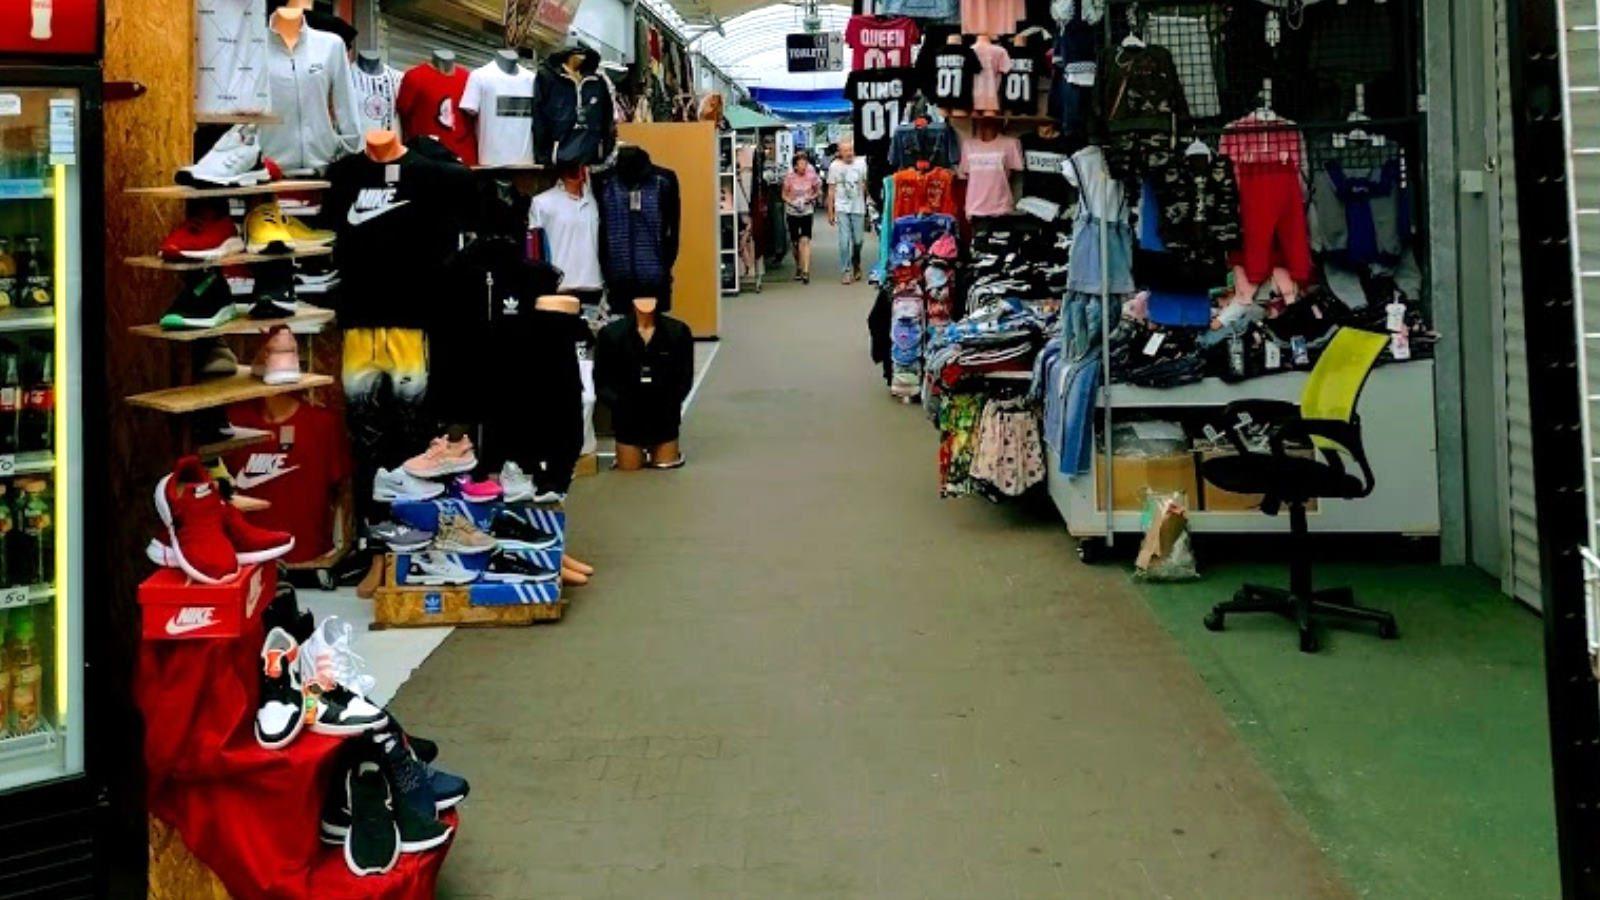 Polenmarkt Slubice an Grenze zu Polen bei Frankfurt Oder